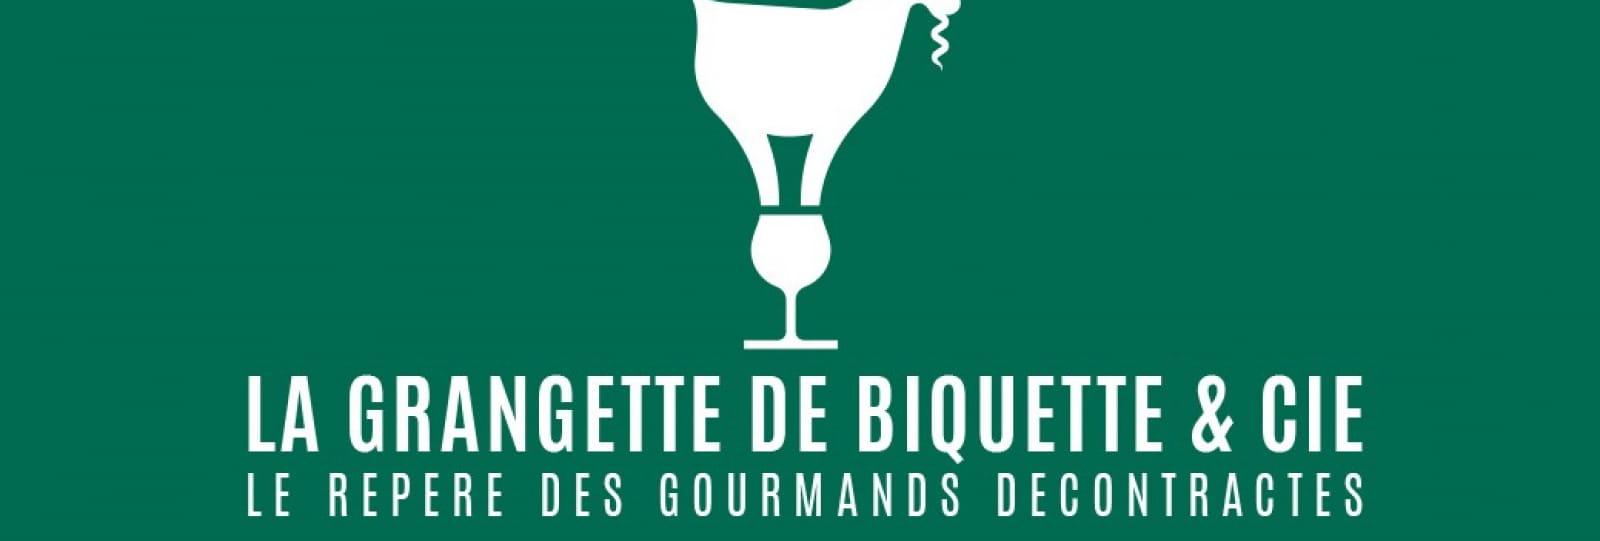 La Grangette de Biquette & Cie